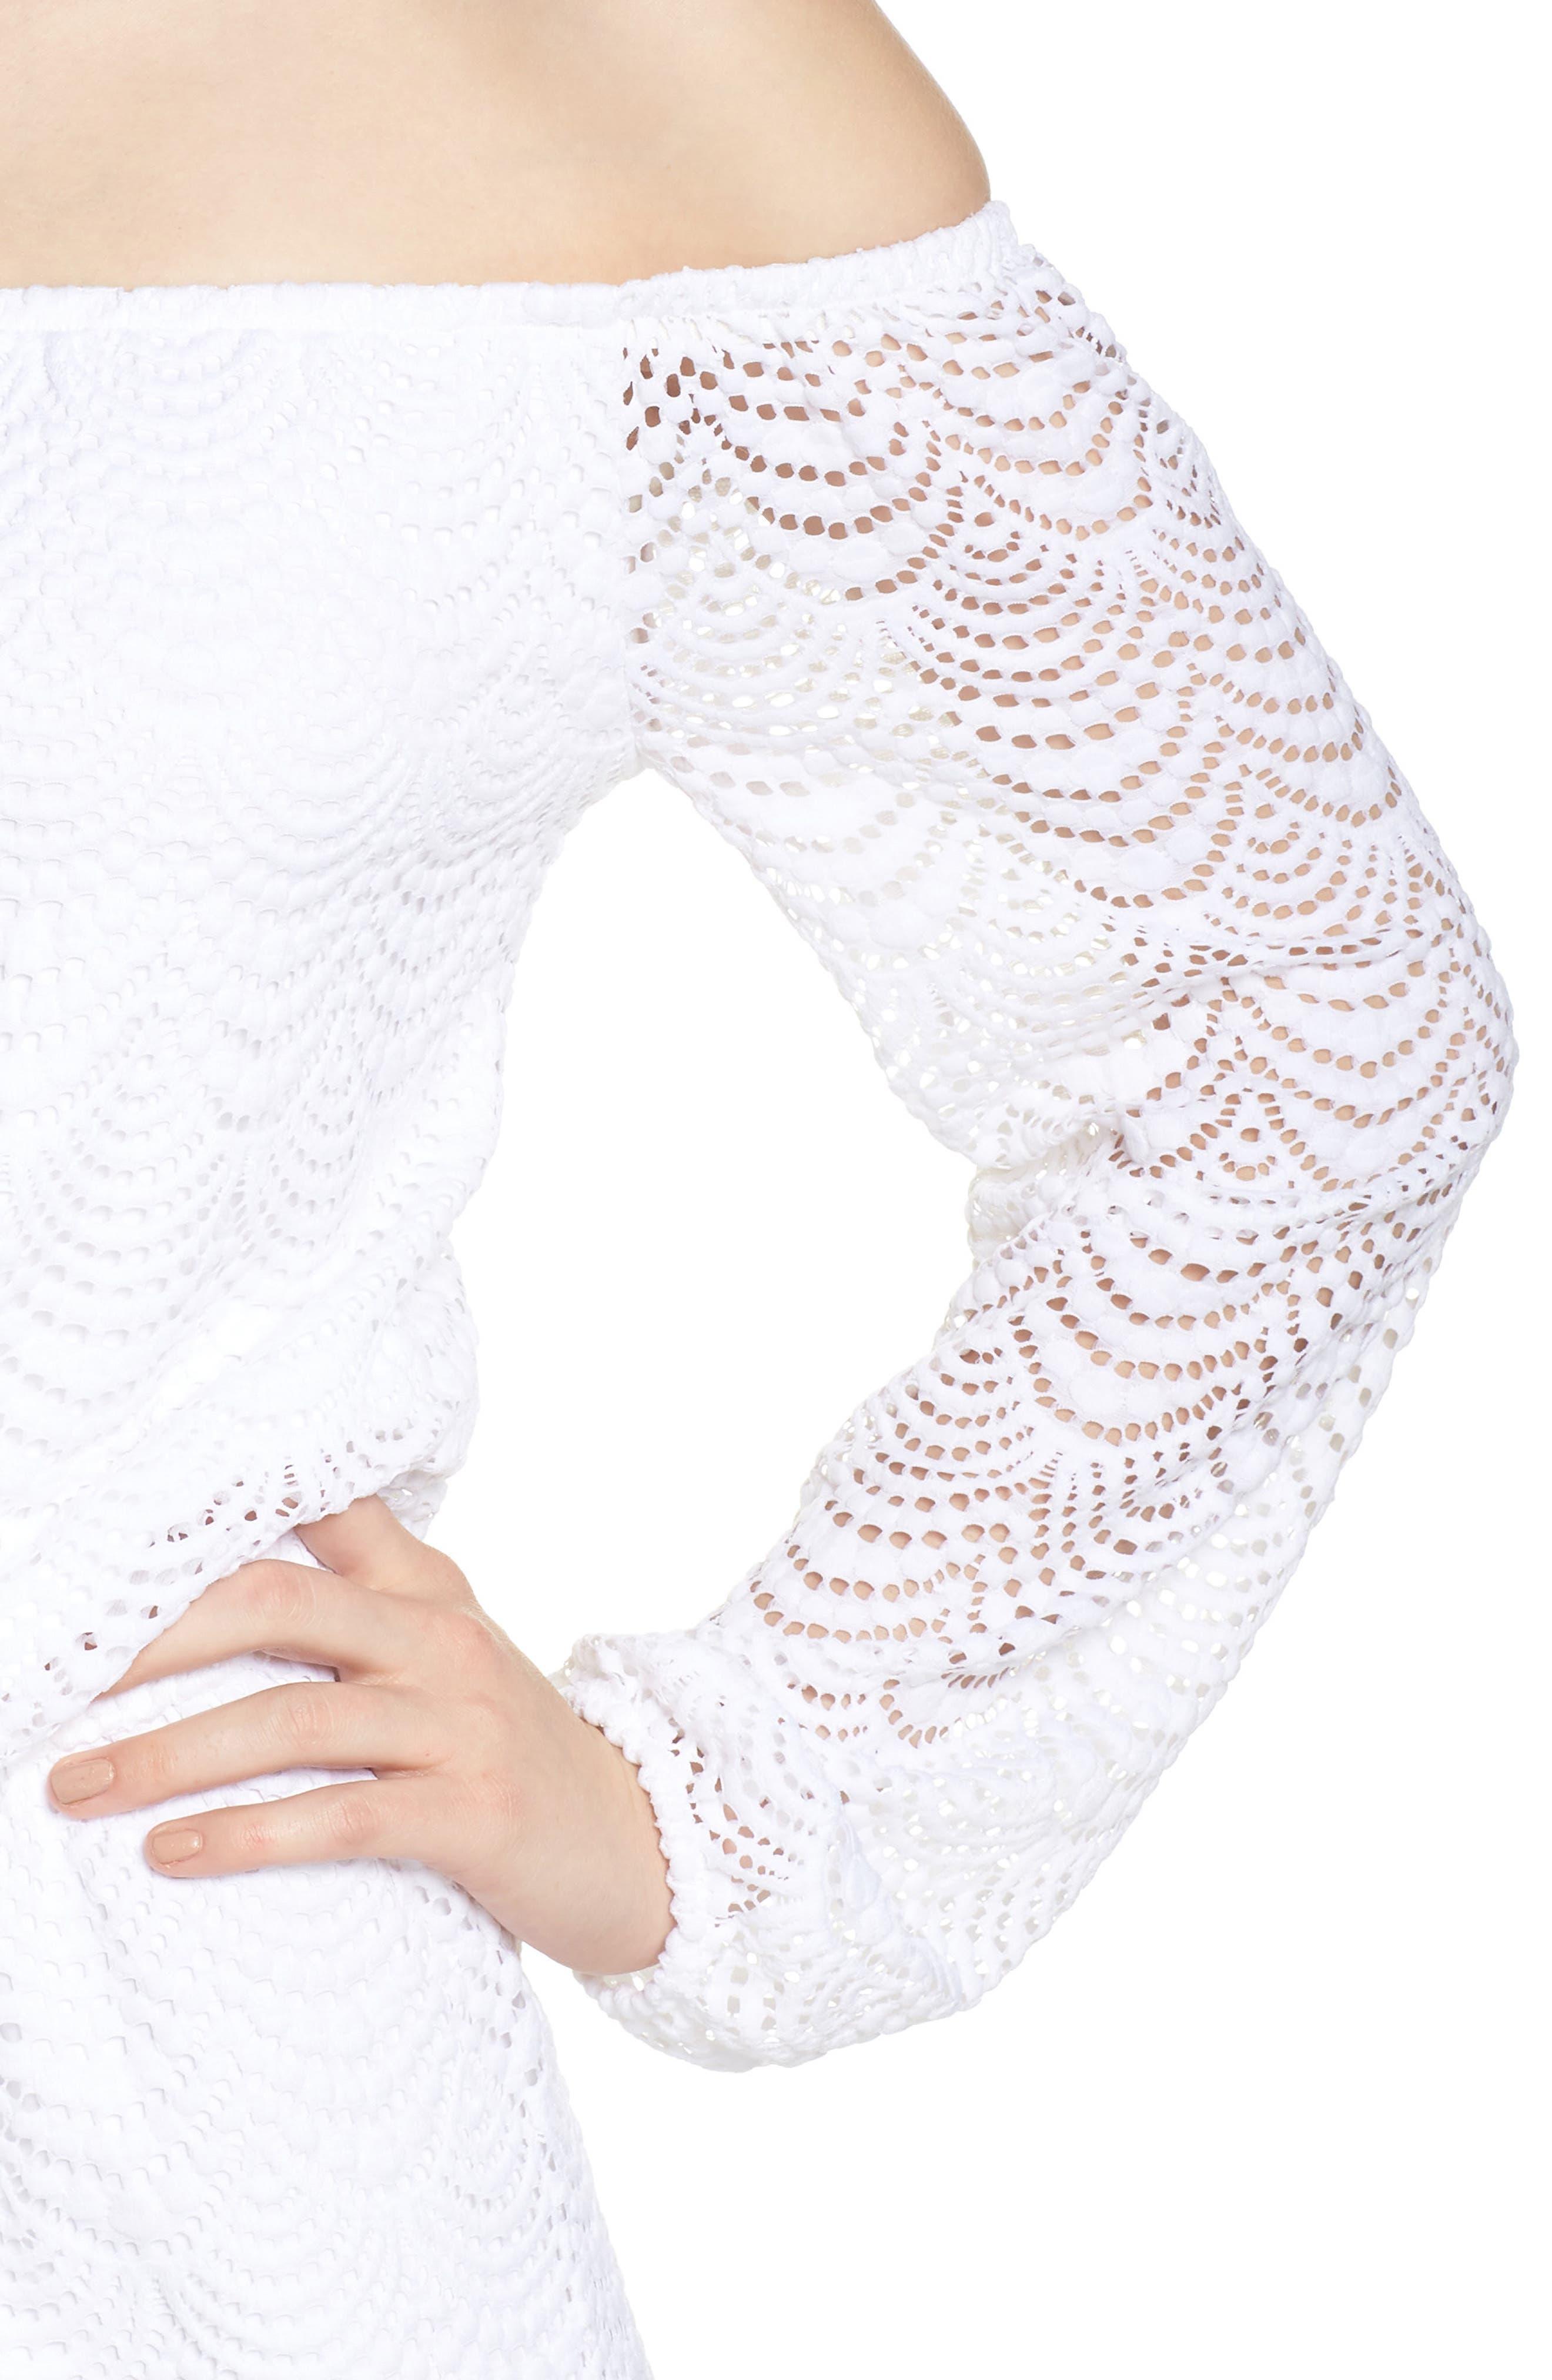 Lana Off the Shoulder Romper,                             Alternate thumbnail 4, color,                             Resort White Scalloped Shell